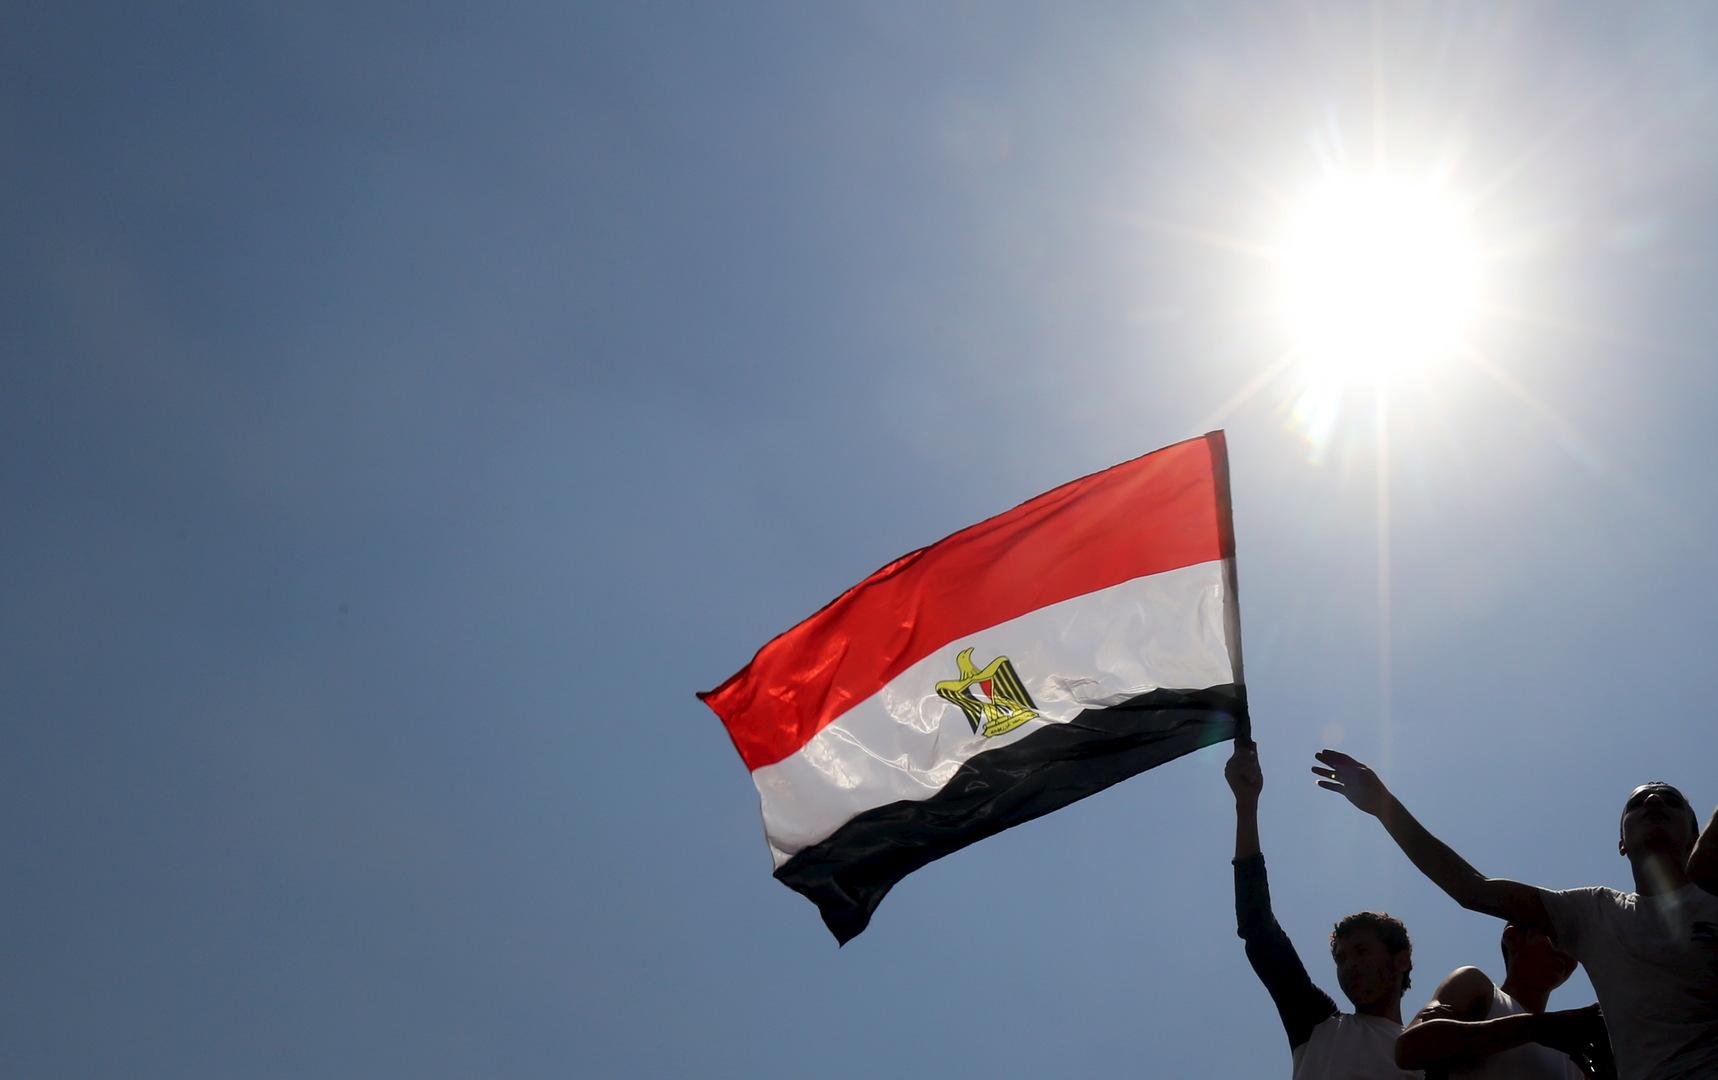 المركزي المصري: ارتفاع عجز ميزان المعاملات الجارية إلى 7.6 مليار دولار